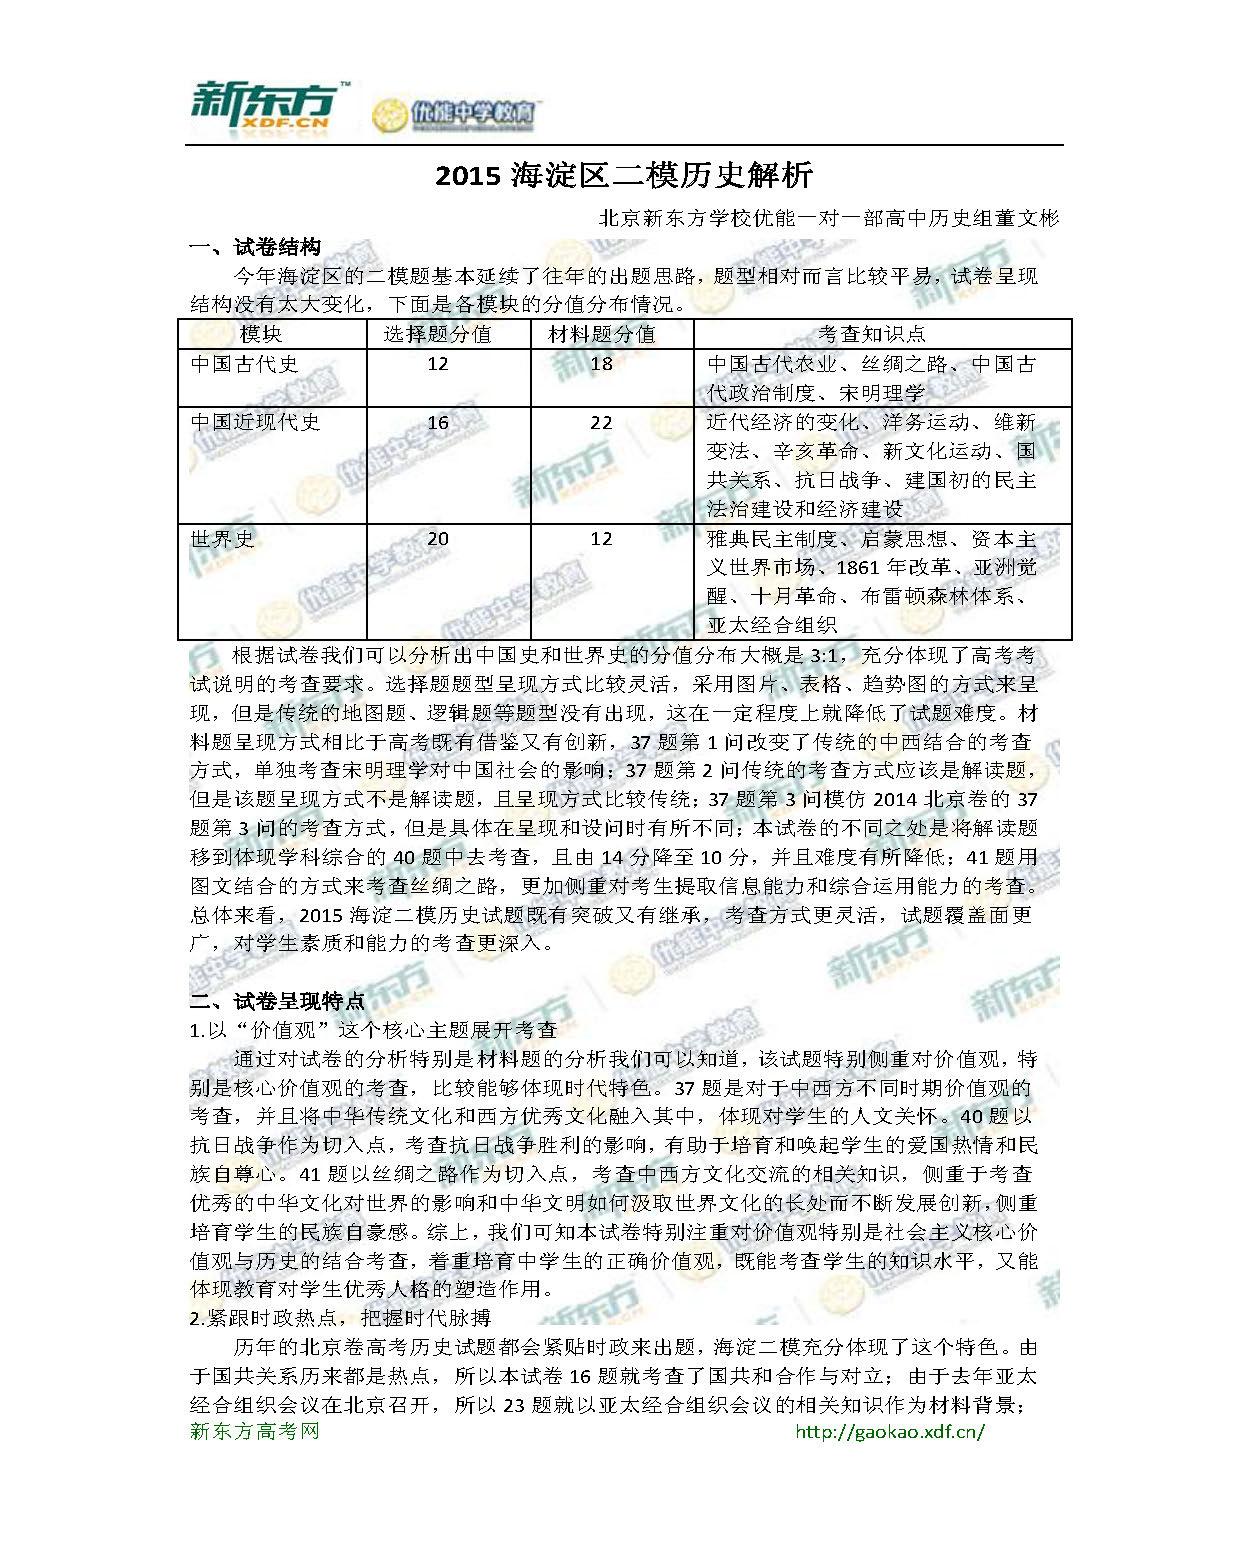 新东方董文彬:2015海淀区二模历史解析